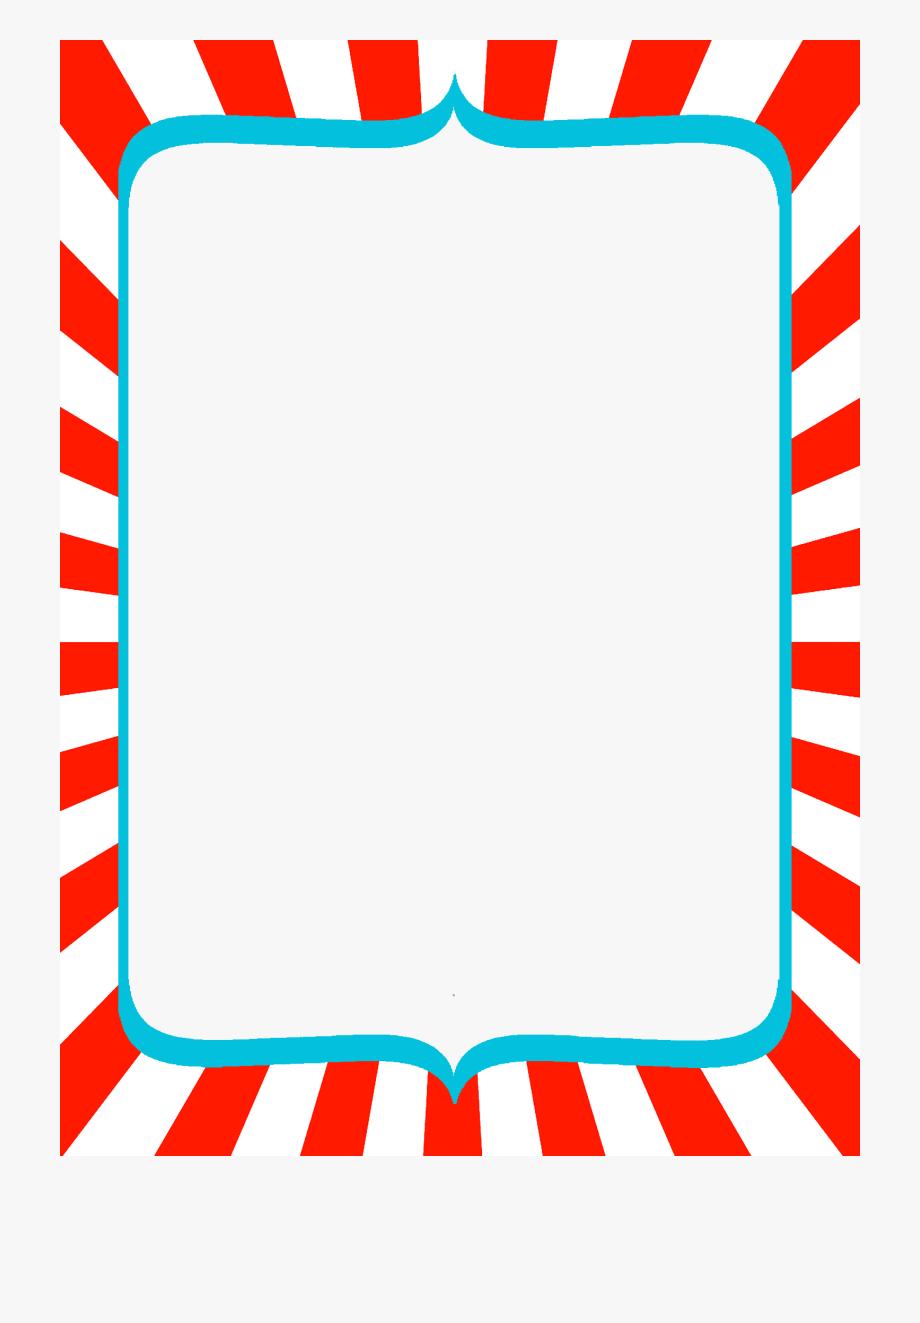 Seuss Border Clip Art Transparent.